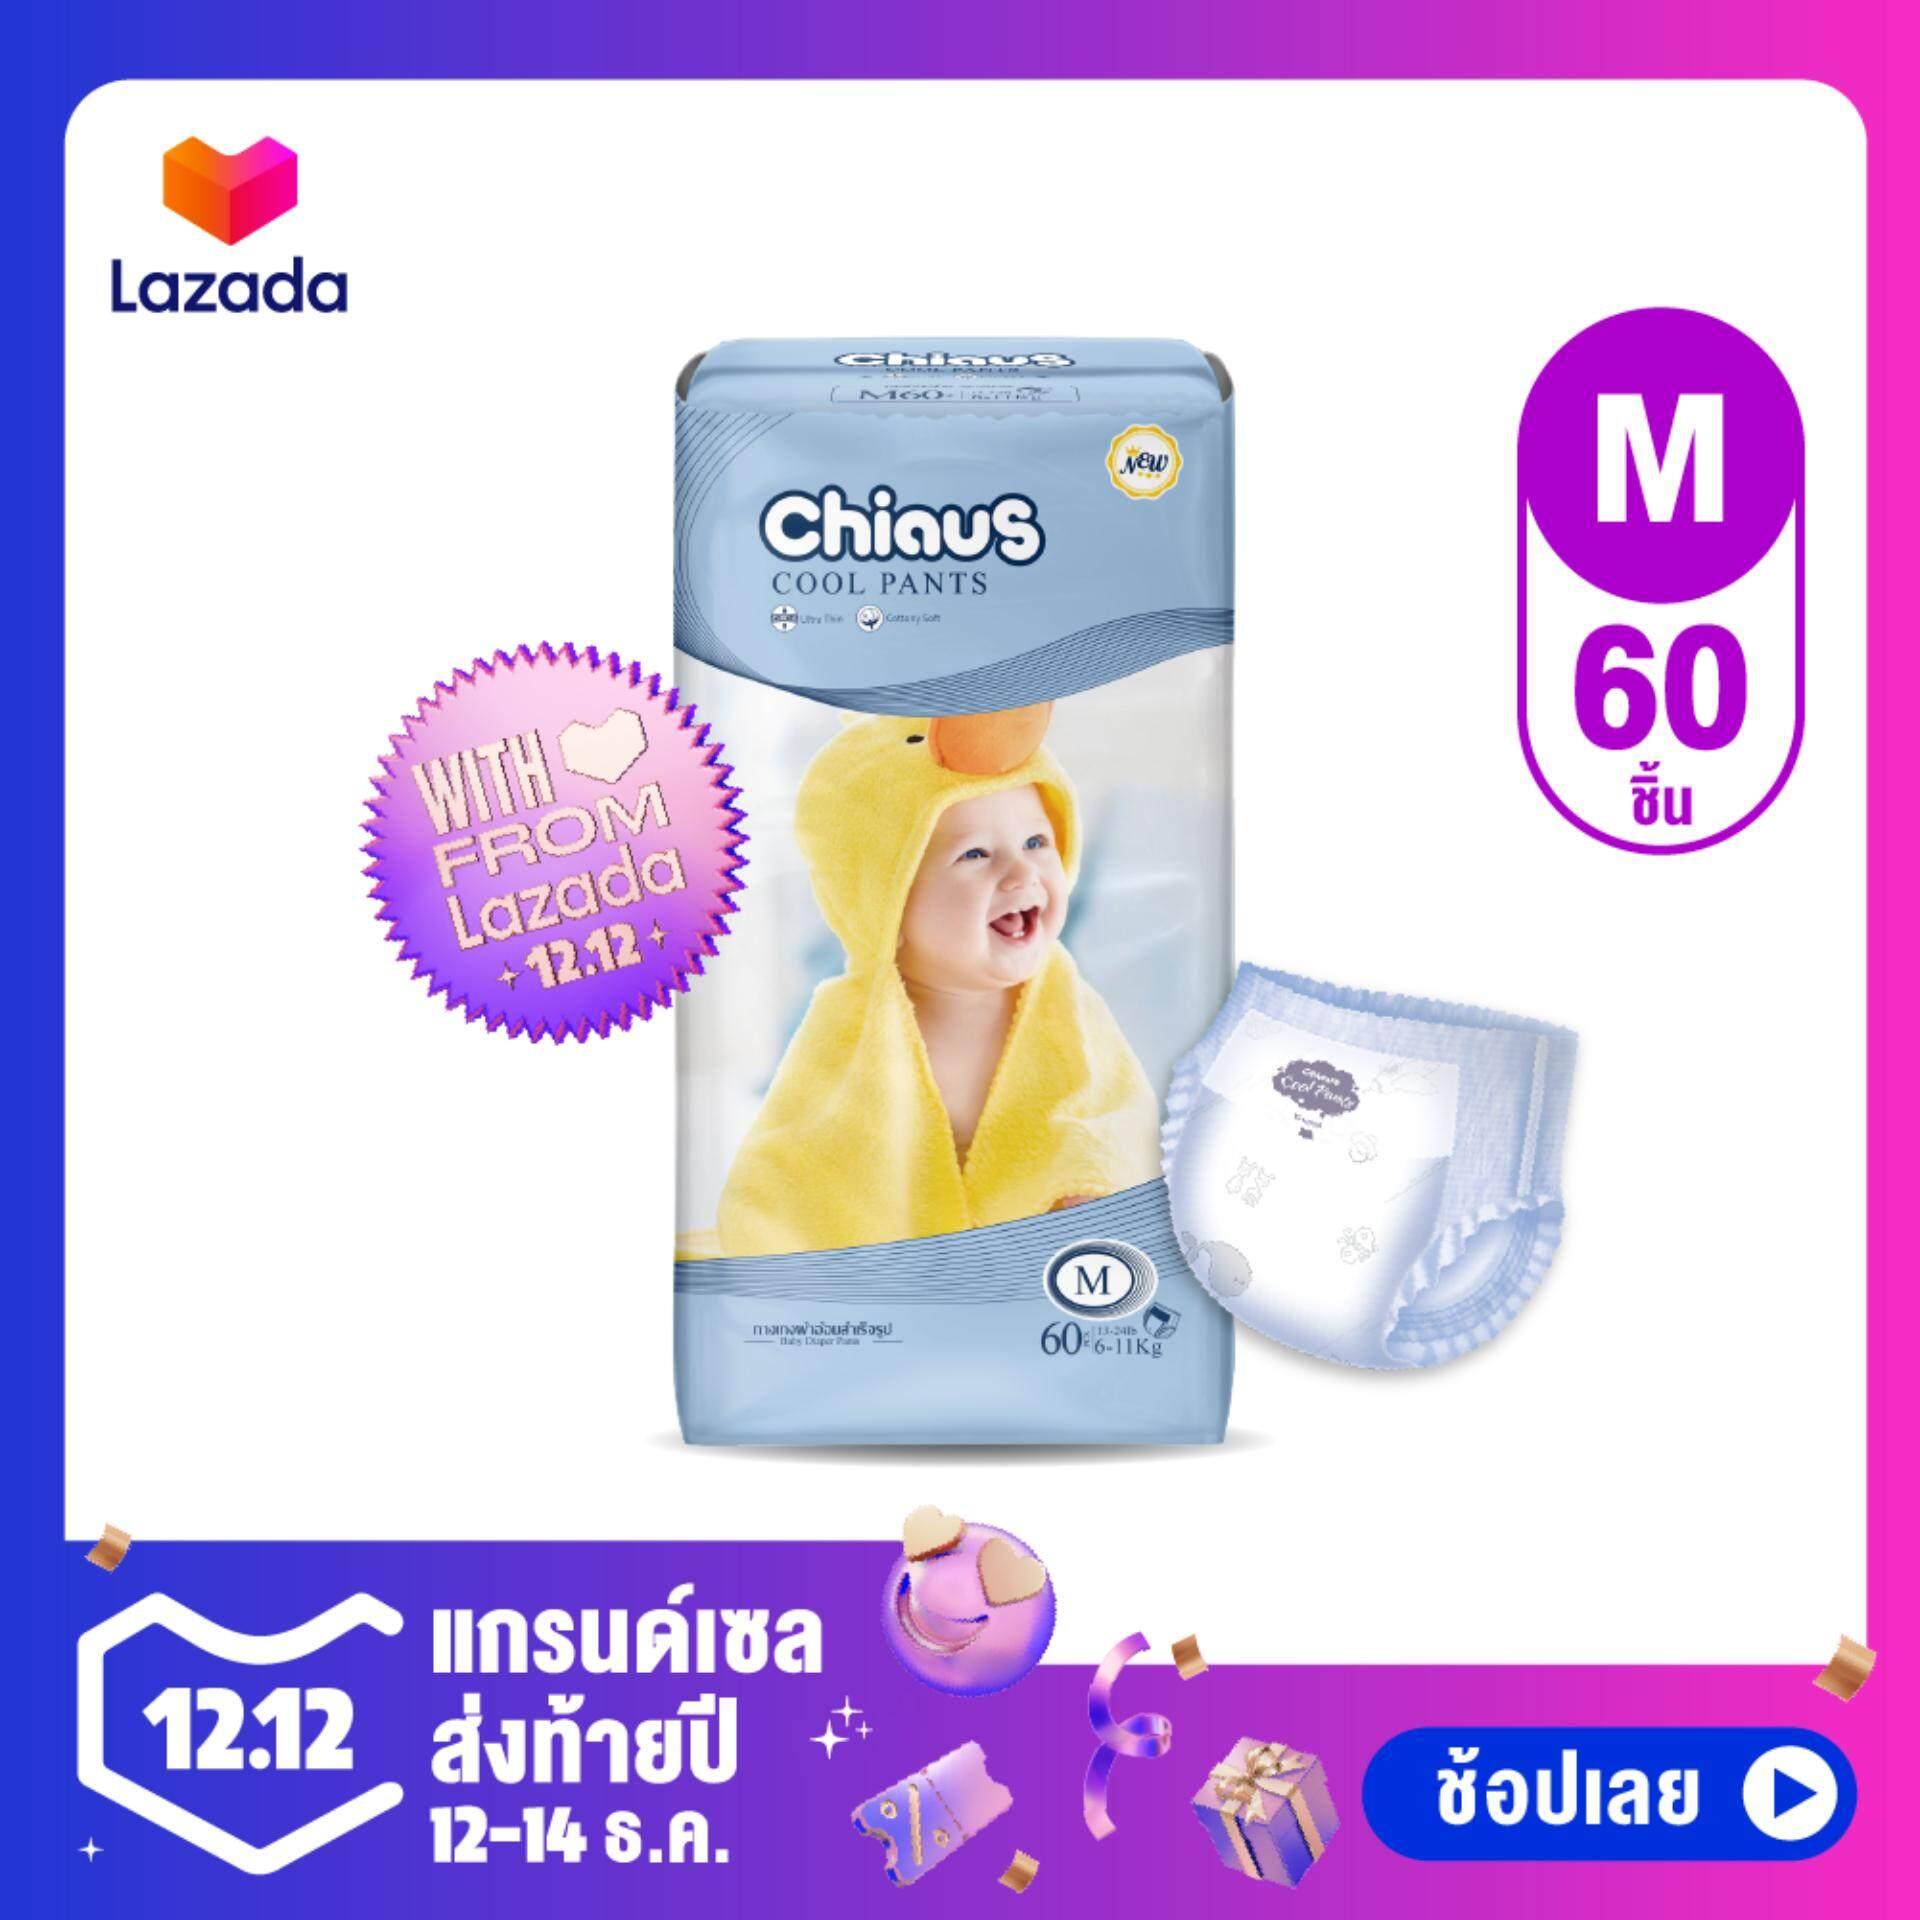 ผ้าอ้อมเด็ก กางเกงผ้าอ้อมเด็ก สำเร็จรูป ชาวส์ รุ่นบางพิเศษ ไซส์ M (1แพ็คมี 60 ชิ้น) สำหรับกลางวัน - Chiaus Cool Pants Ultra Thin Baby Diaper size M (60pcs)